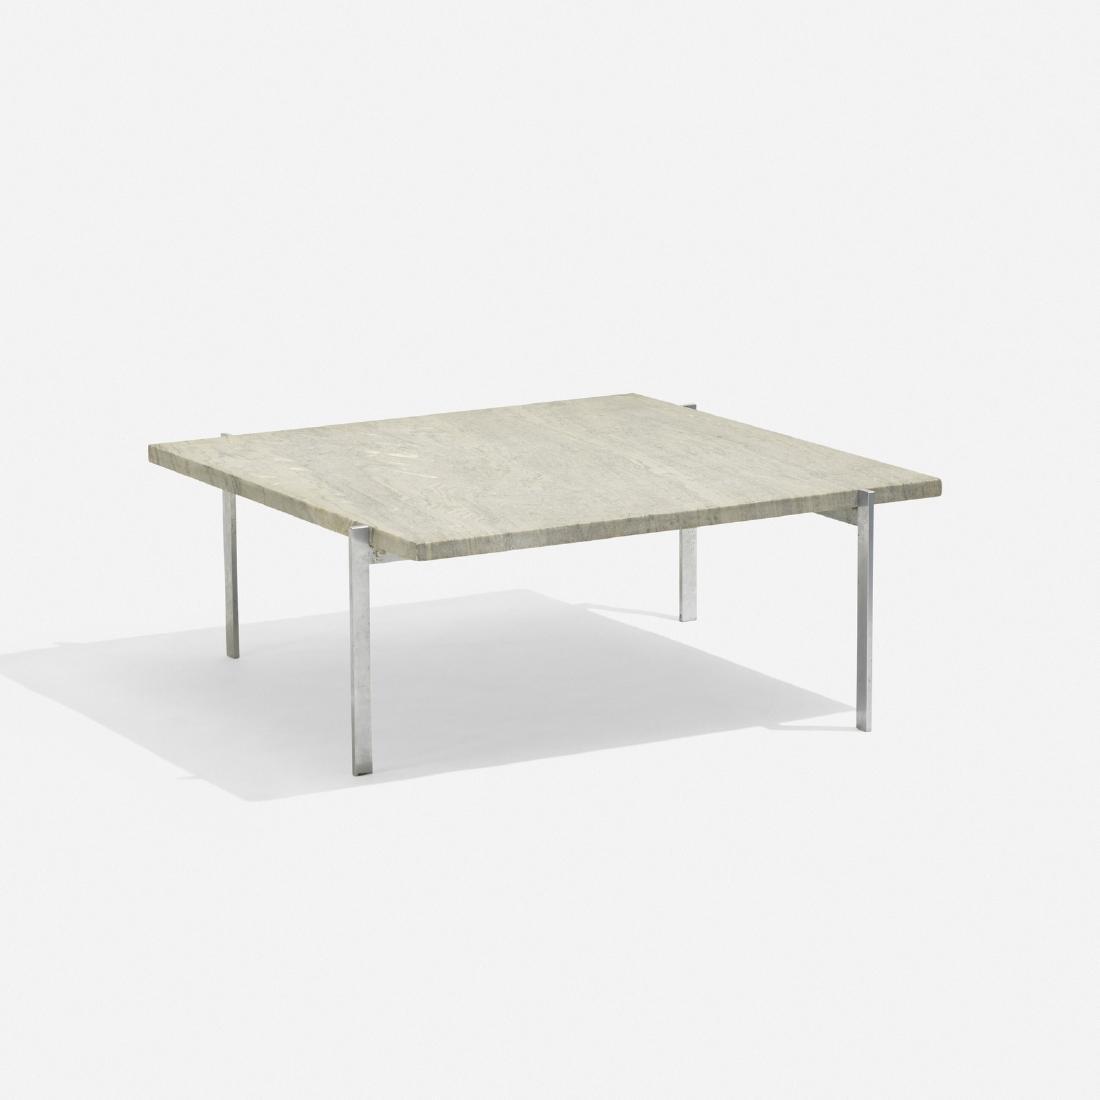 Poul Kjaerholm, PK 61 coffee table